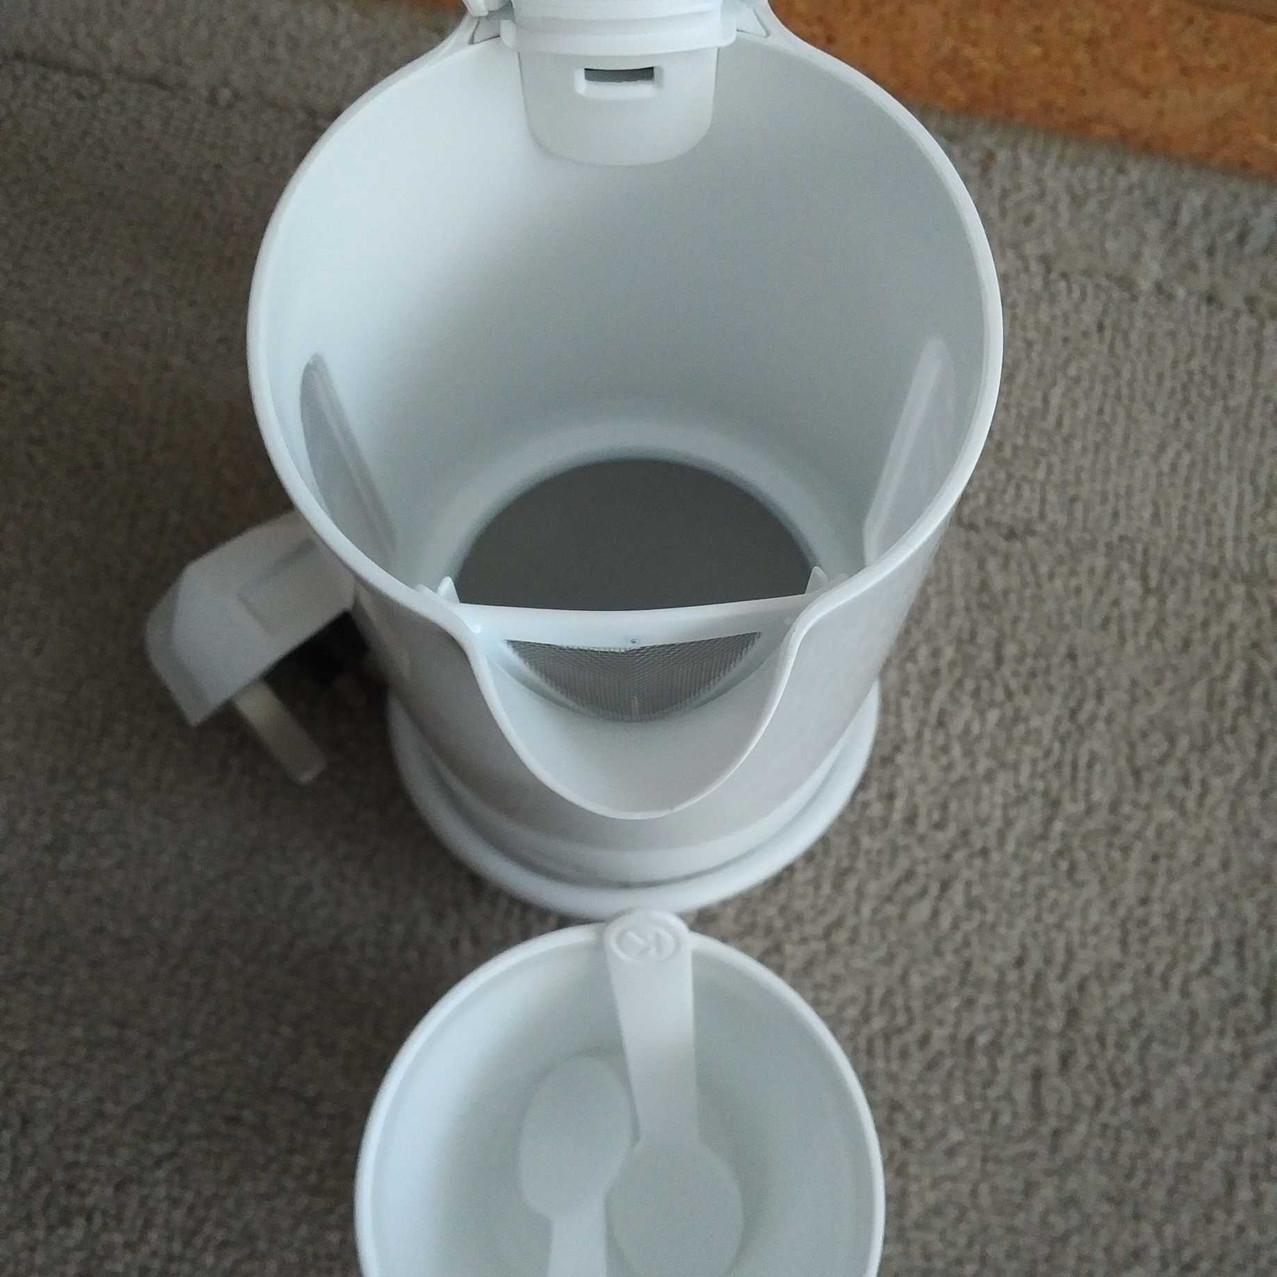 Best travel kettle - Kenwood look inside